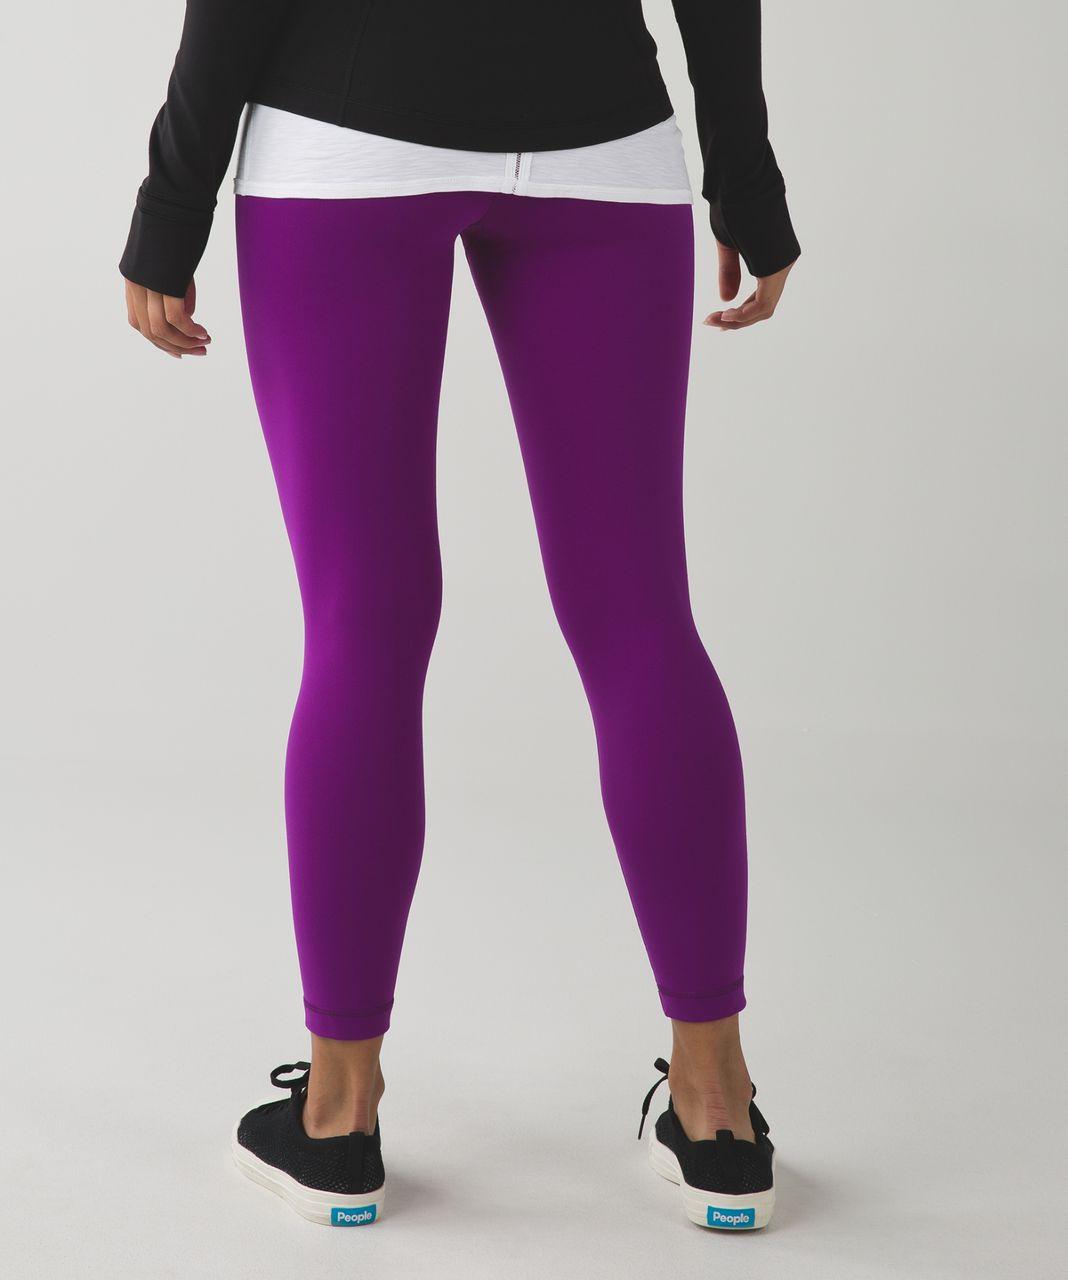 Lululemon High Times Pant *Full-On Luon - Tender Violet